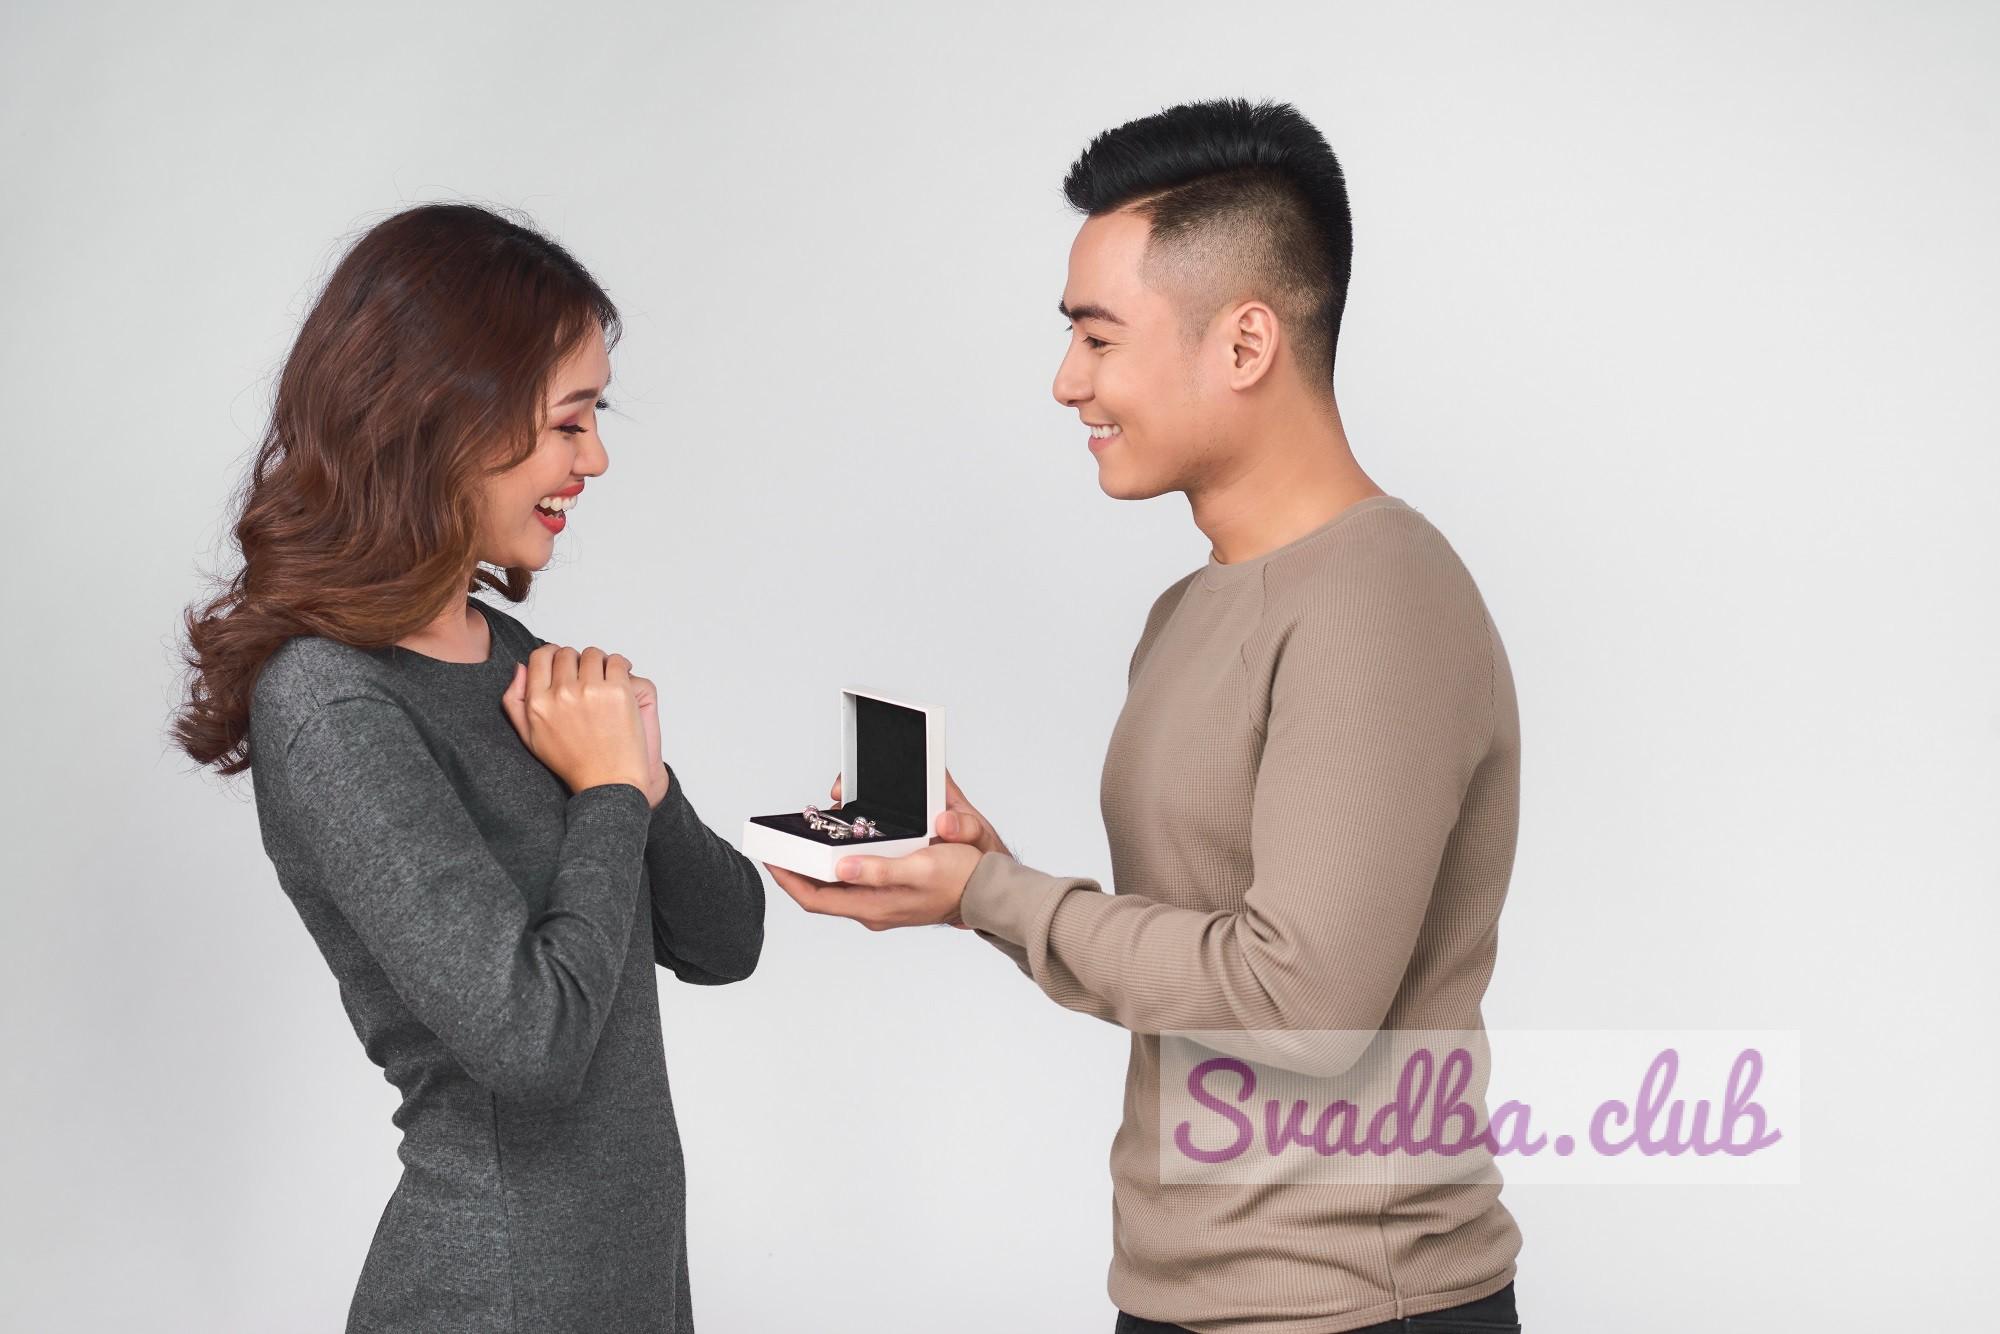 Парень дарит супруге на юбилей свадьбы ювелирное изделие